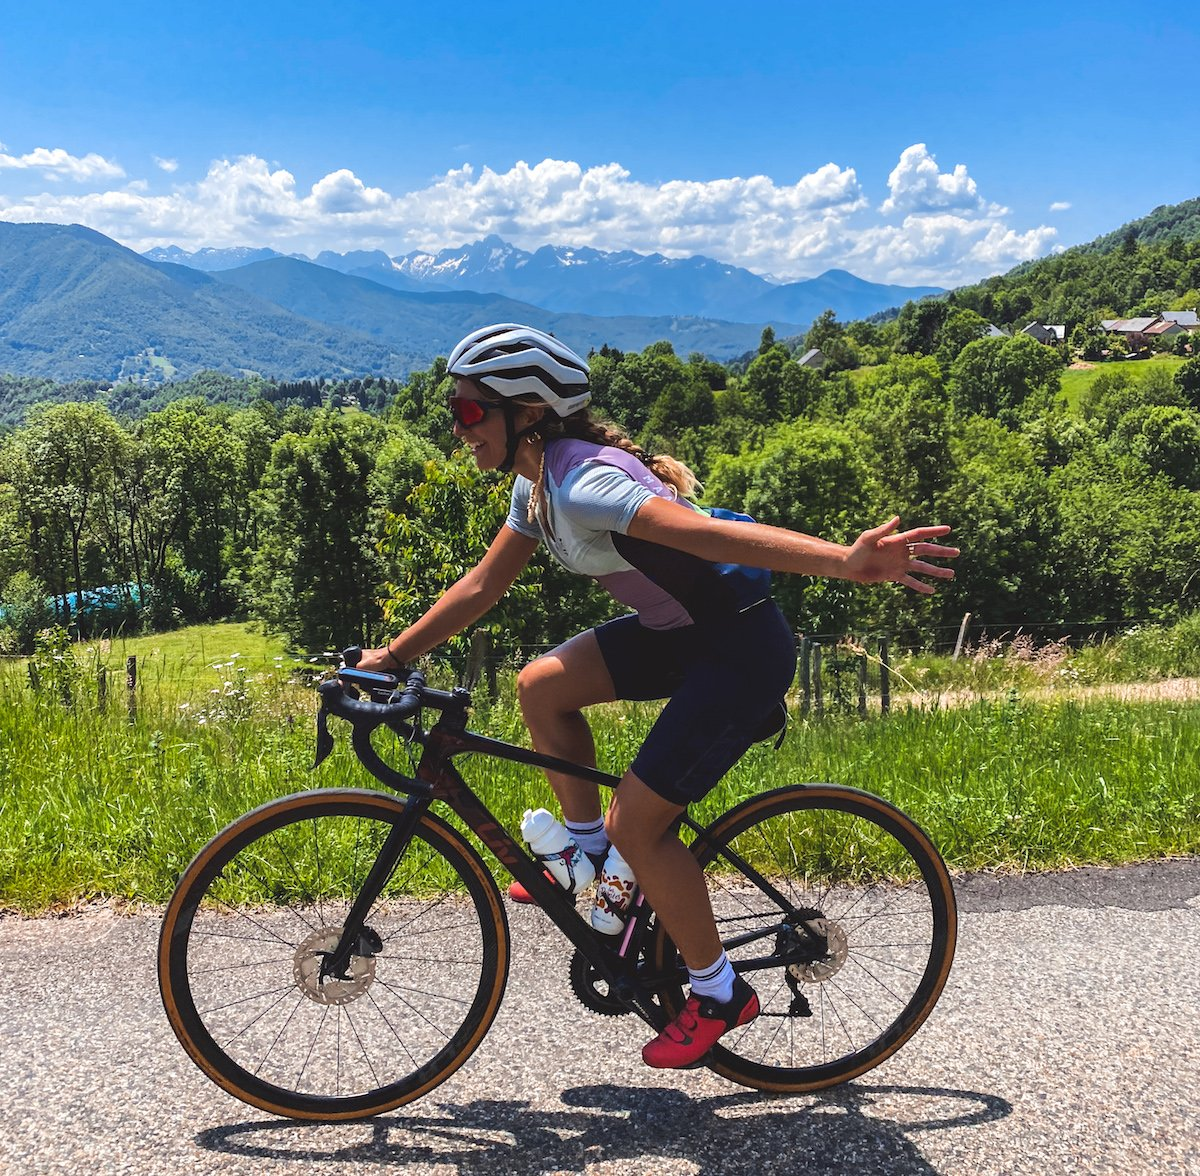 Mes 7 Conseils pour Gravir des Cols de Montagne à Vélo